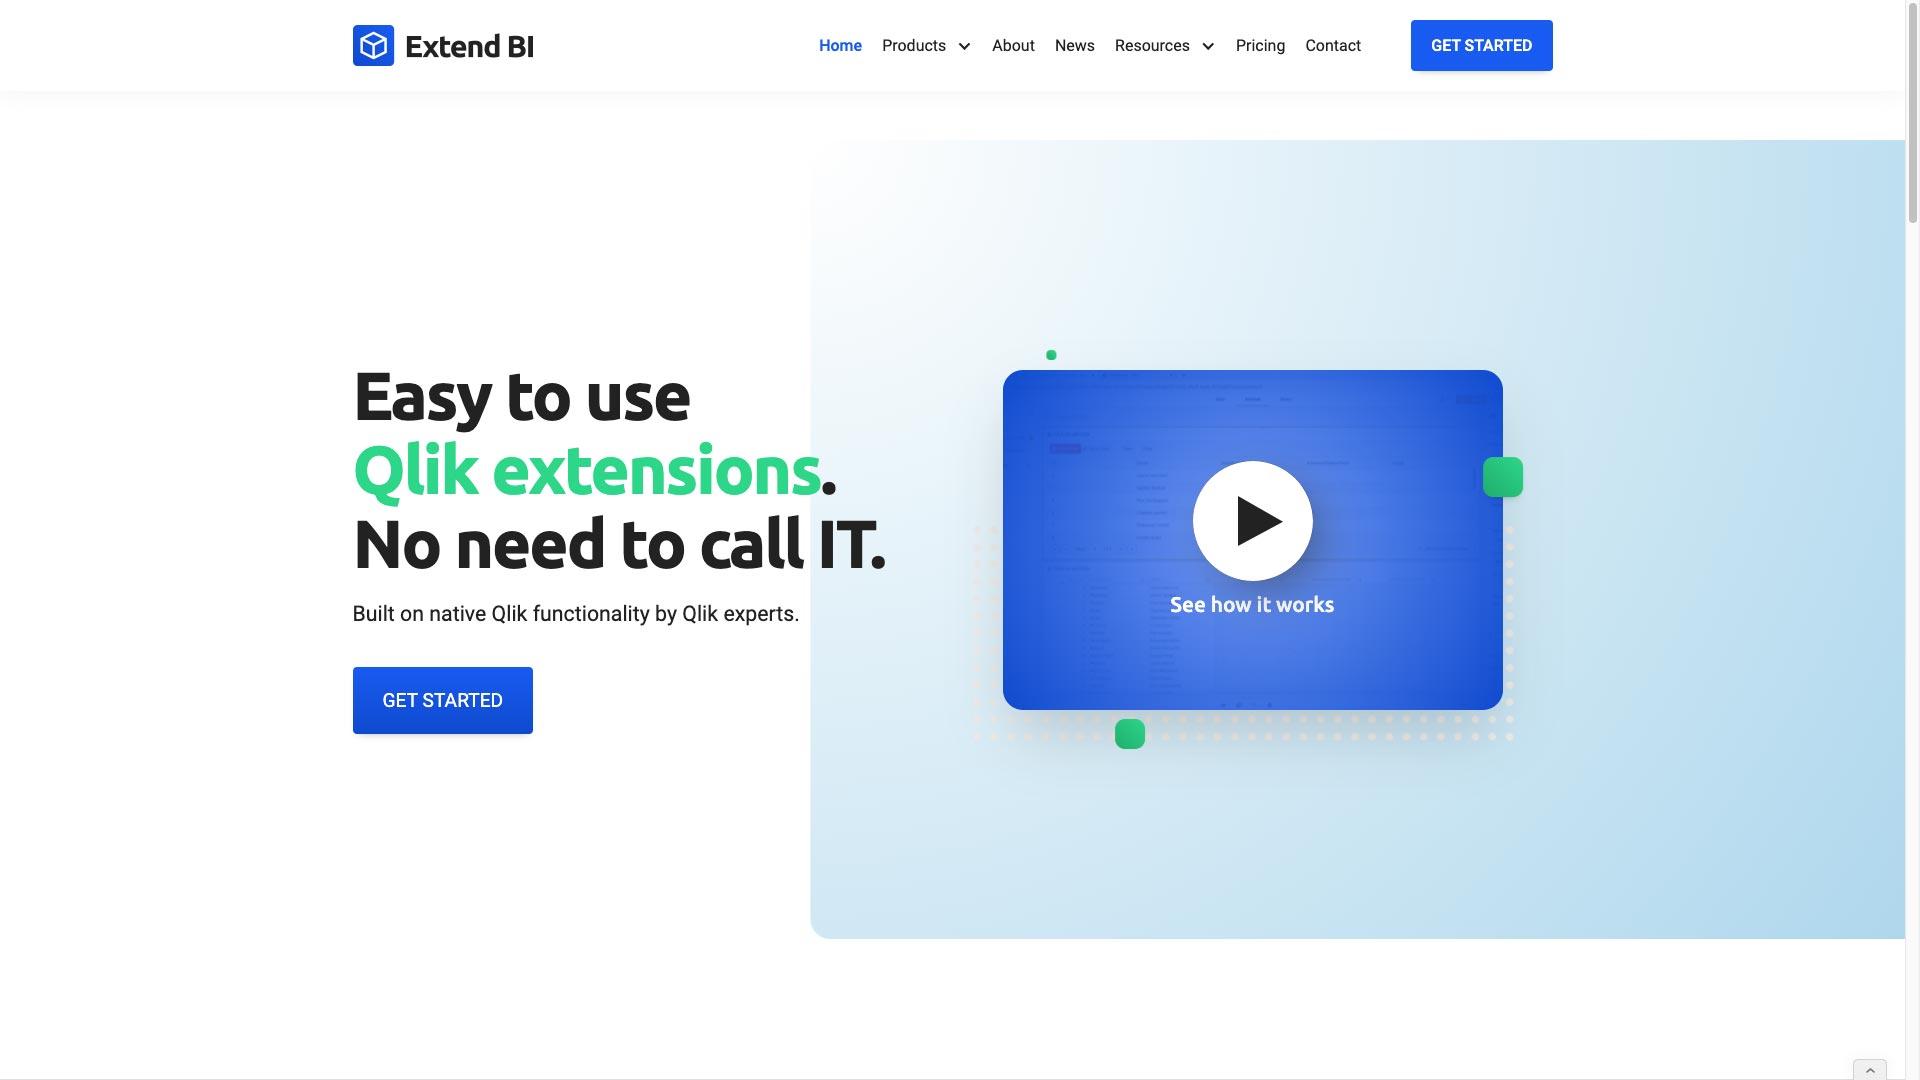 Say hello to ExtendBI.com